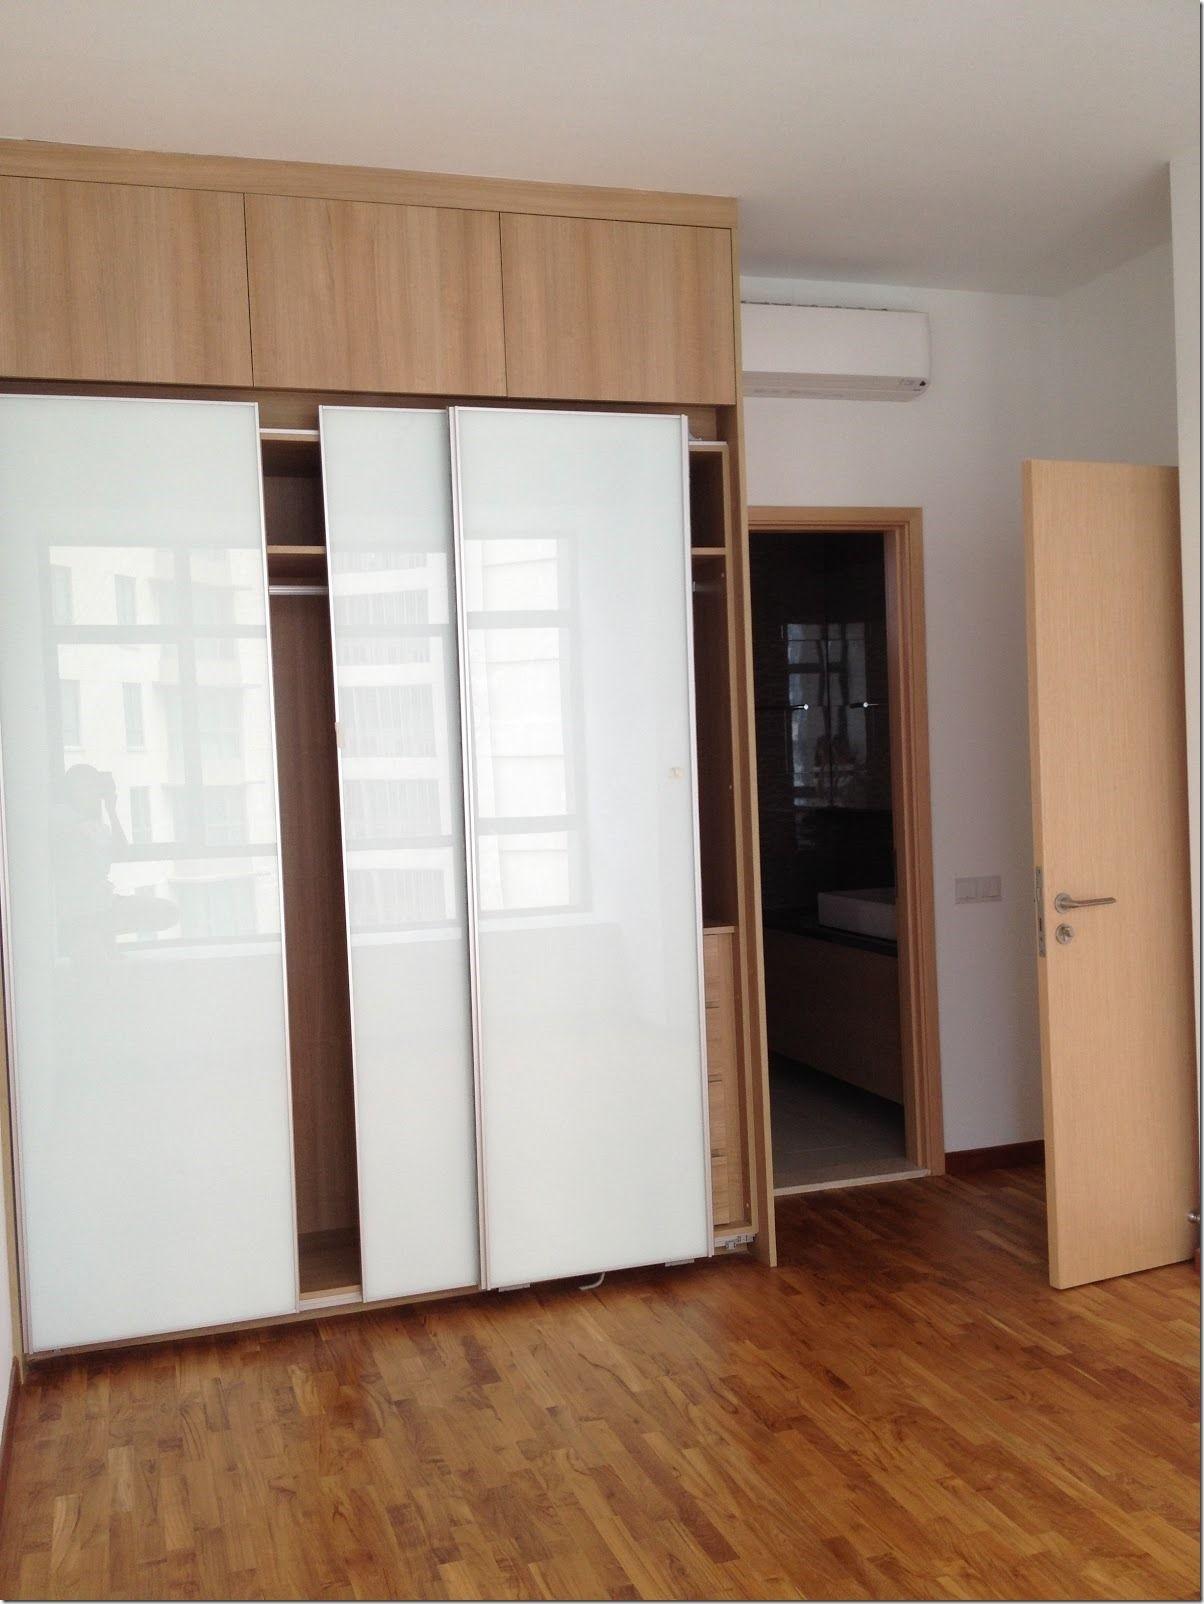 Schlafzimmer schrnke design ideen schlafzimmer schlafzimmer for Nobilia schranke katalog